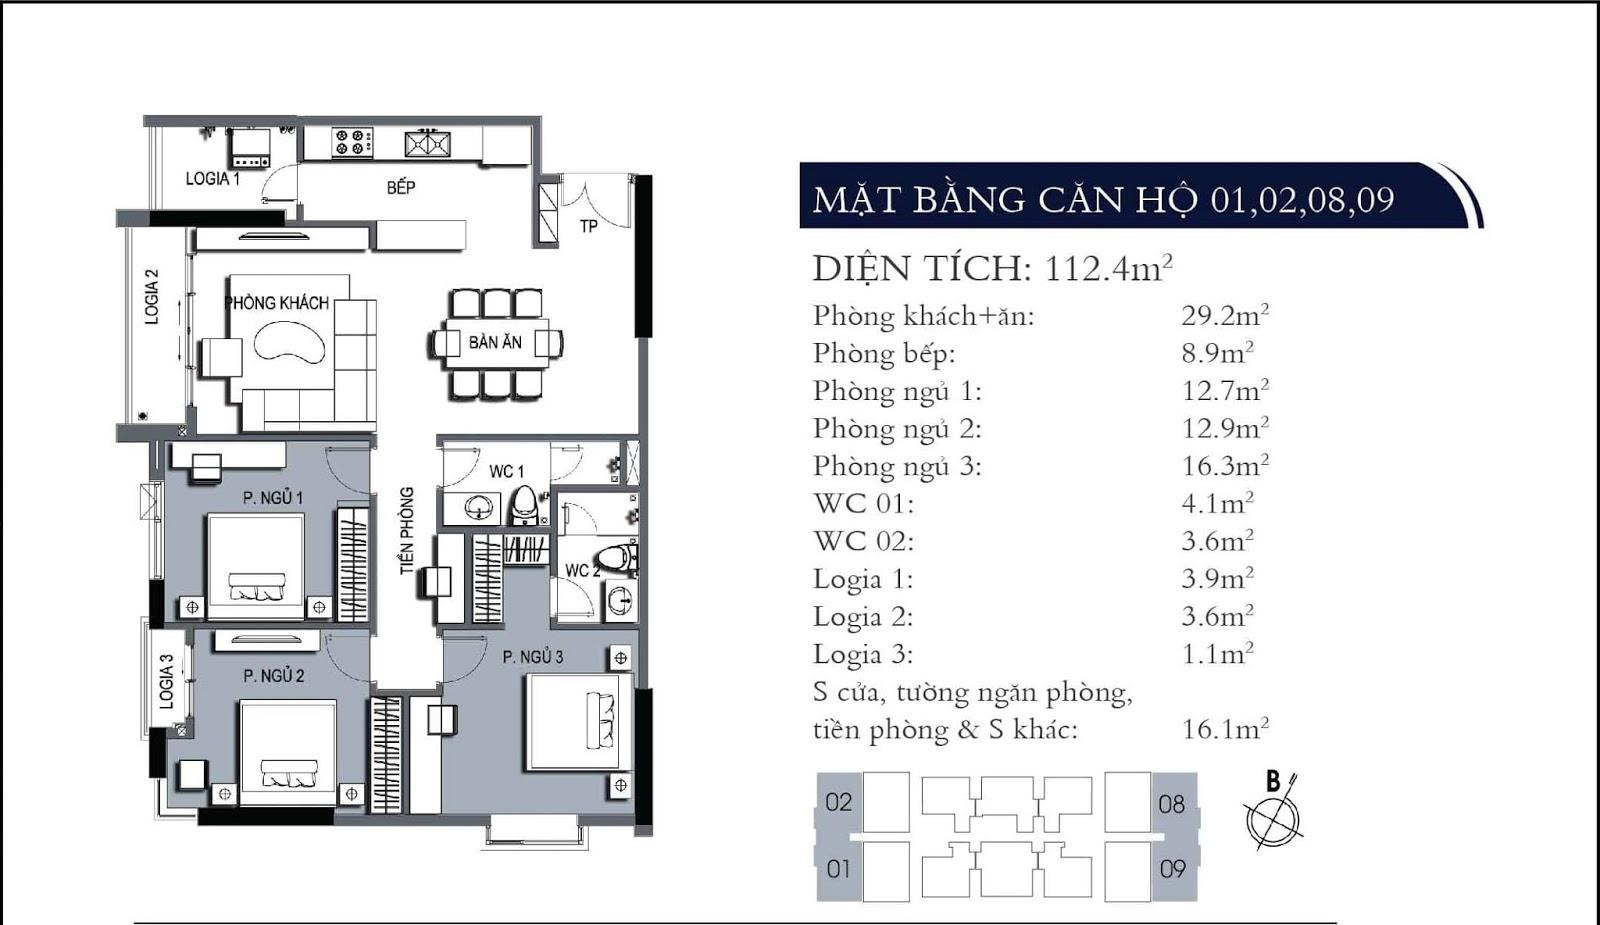 Mặt bằng căn hộ 01 02 08 09 dự án One 18 Ngọc Lâm